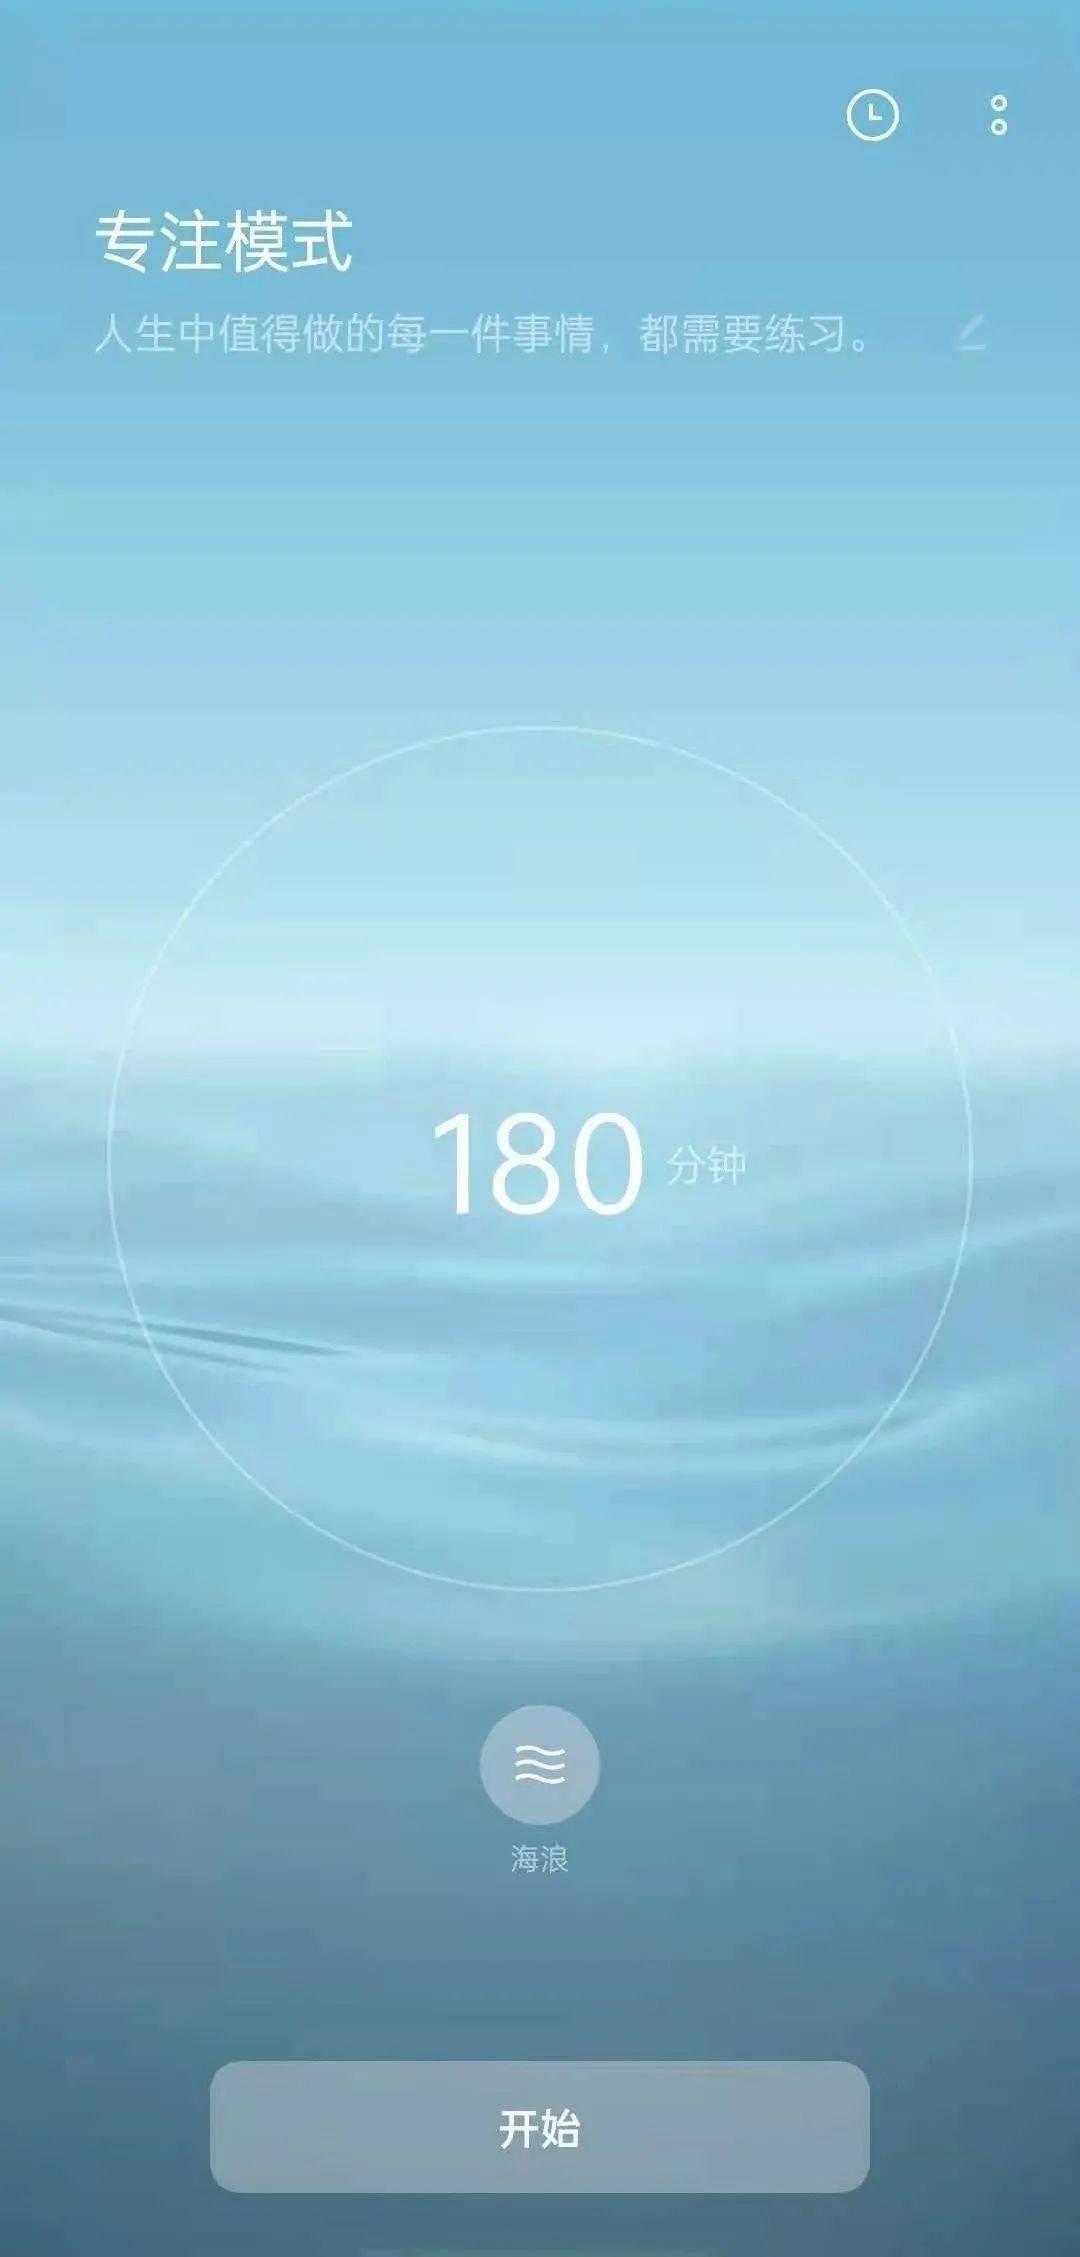 【系统】氢OS禅定模式获国际大奖丨一加9R明天亮相